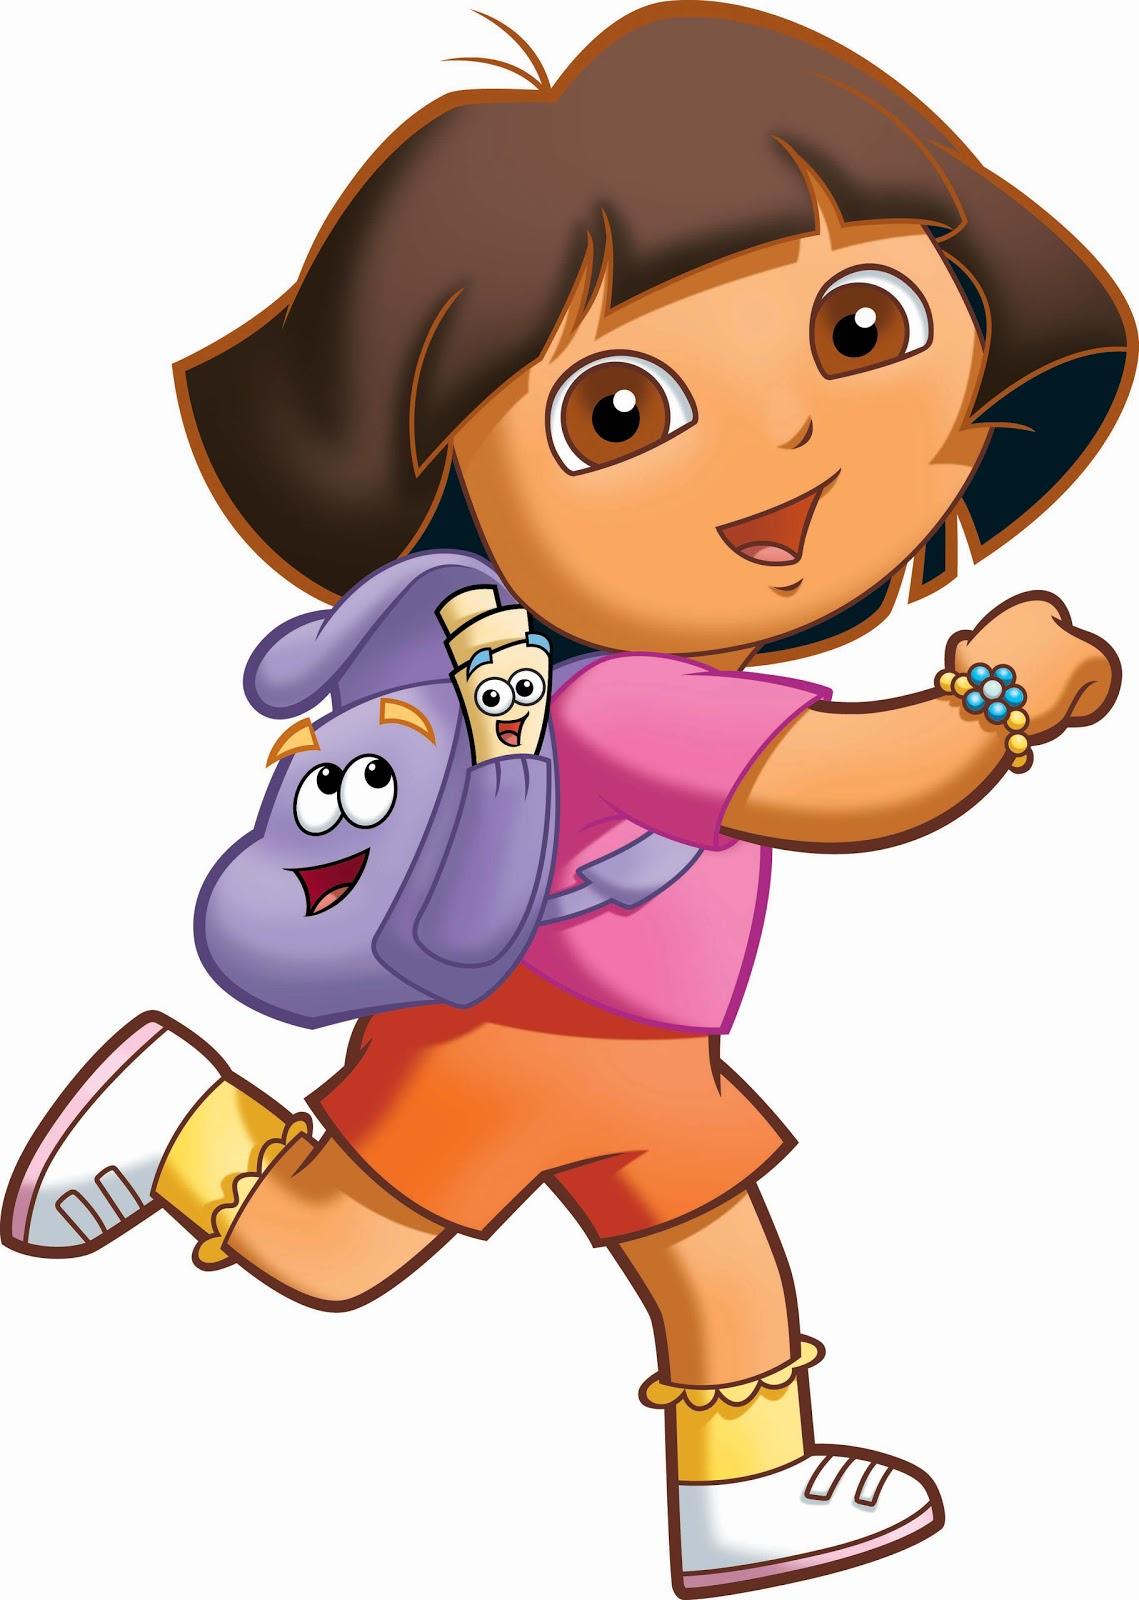 Dora The Explorer And Friends Dora And Friends